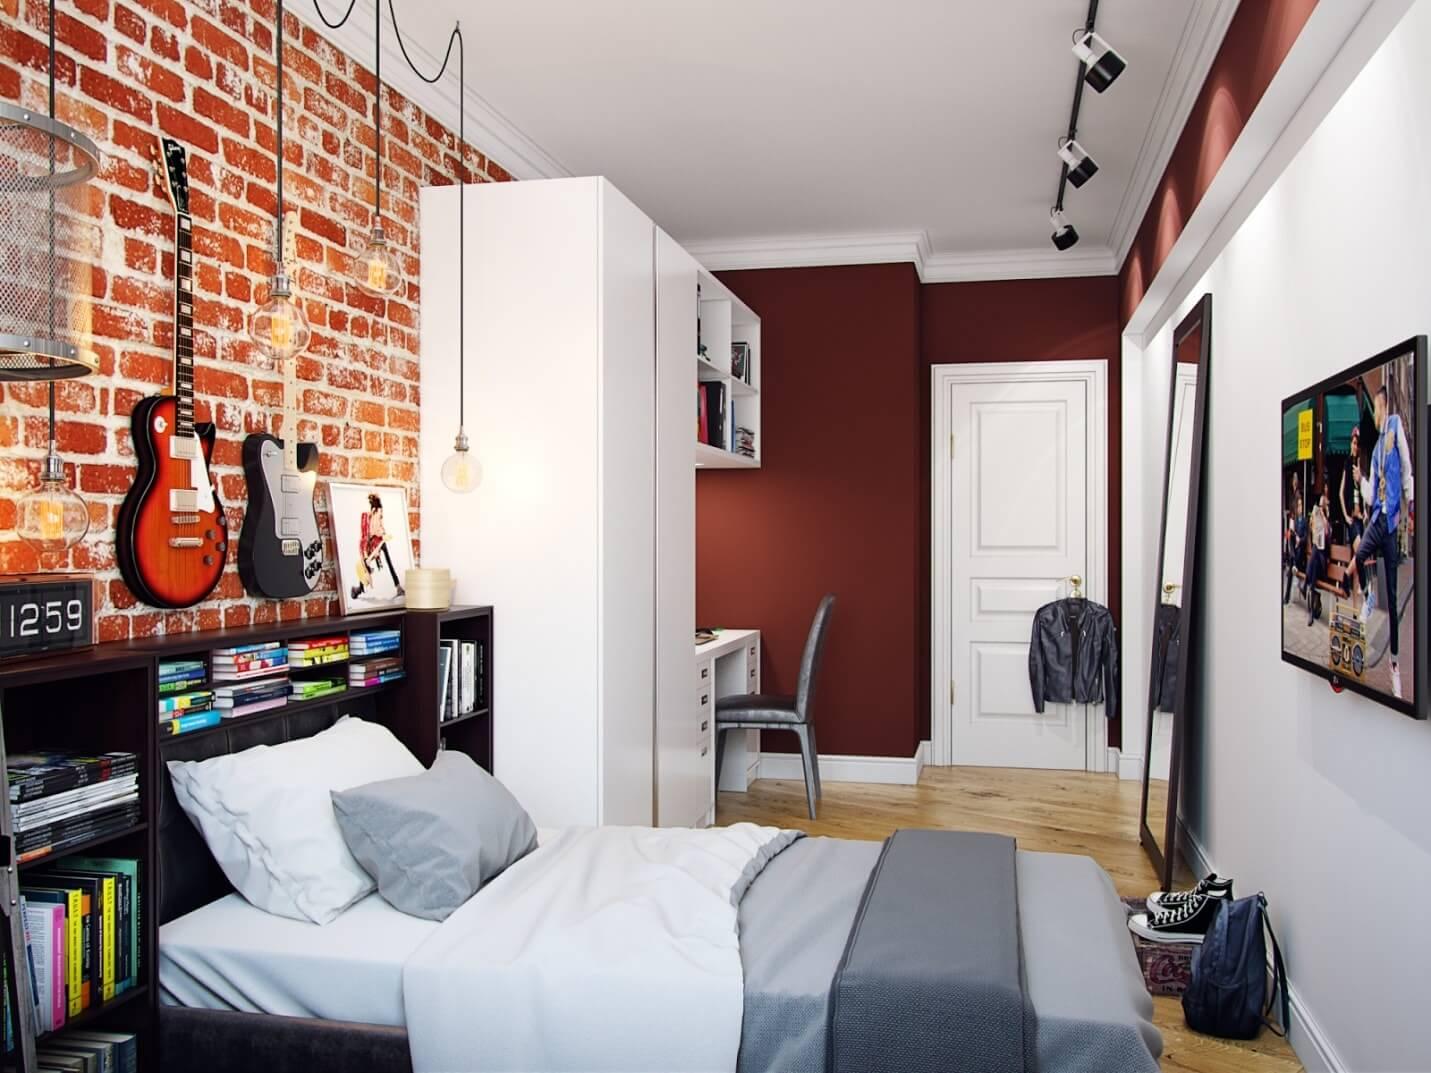 Комната подростка - фото 3